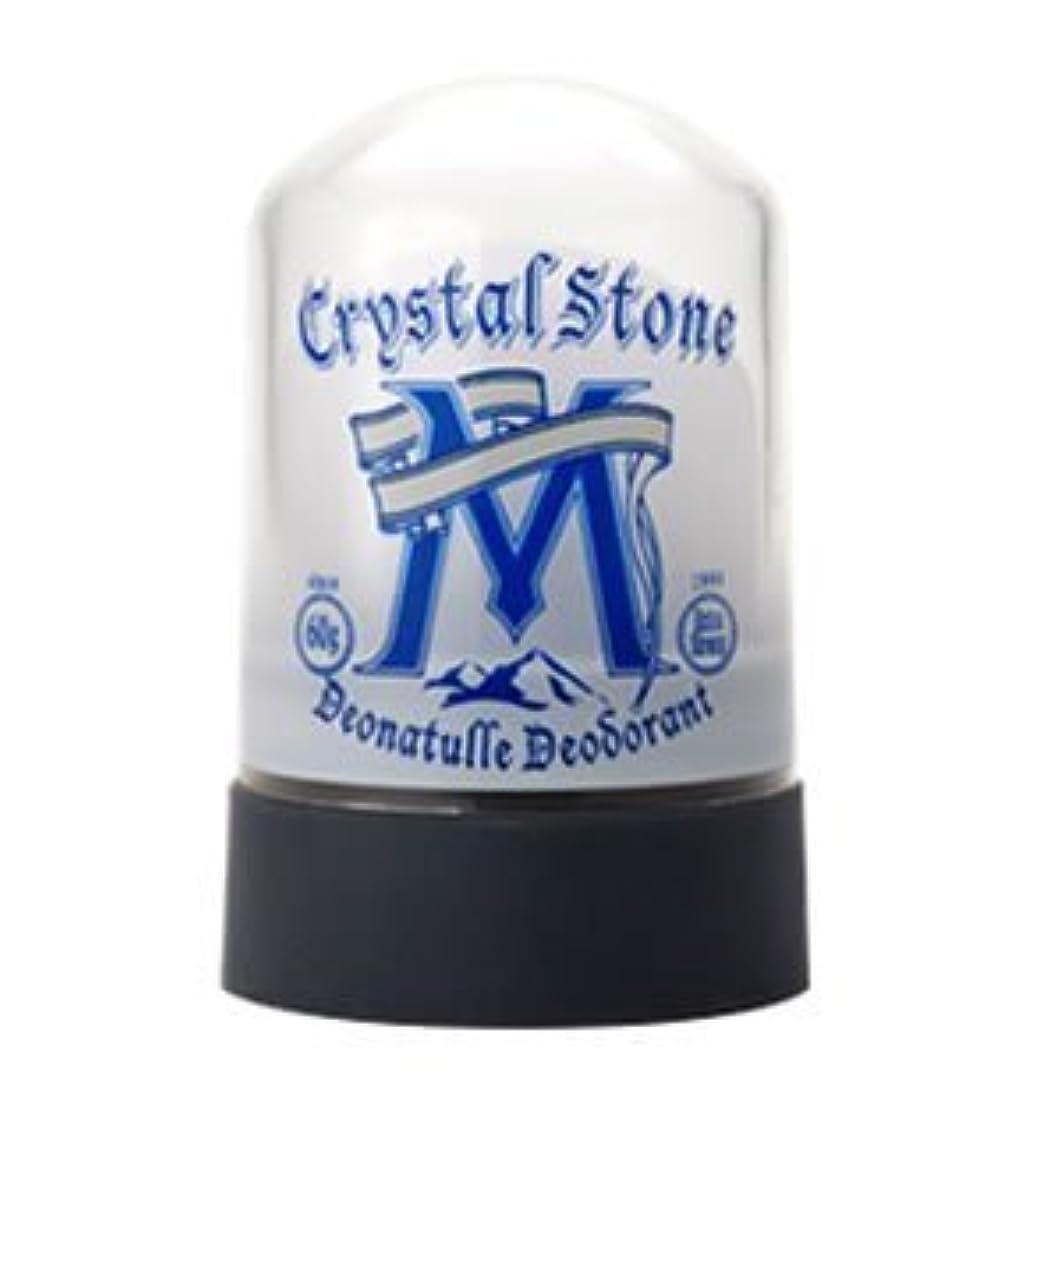 いつか領域分析的なデオナチュレ 男クリスタルストーン 60g無香料(医薬部外品)(お買い得3個セット)